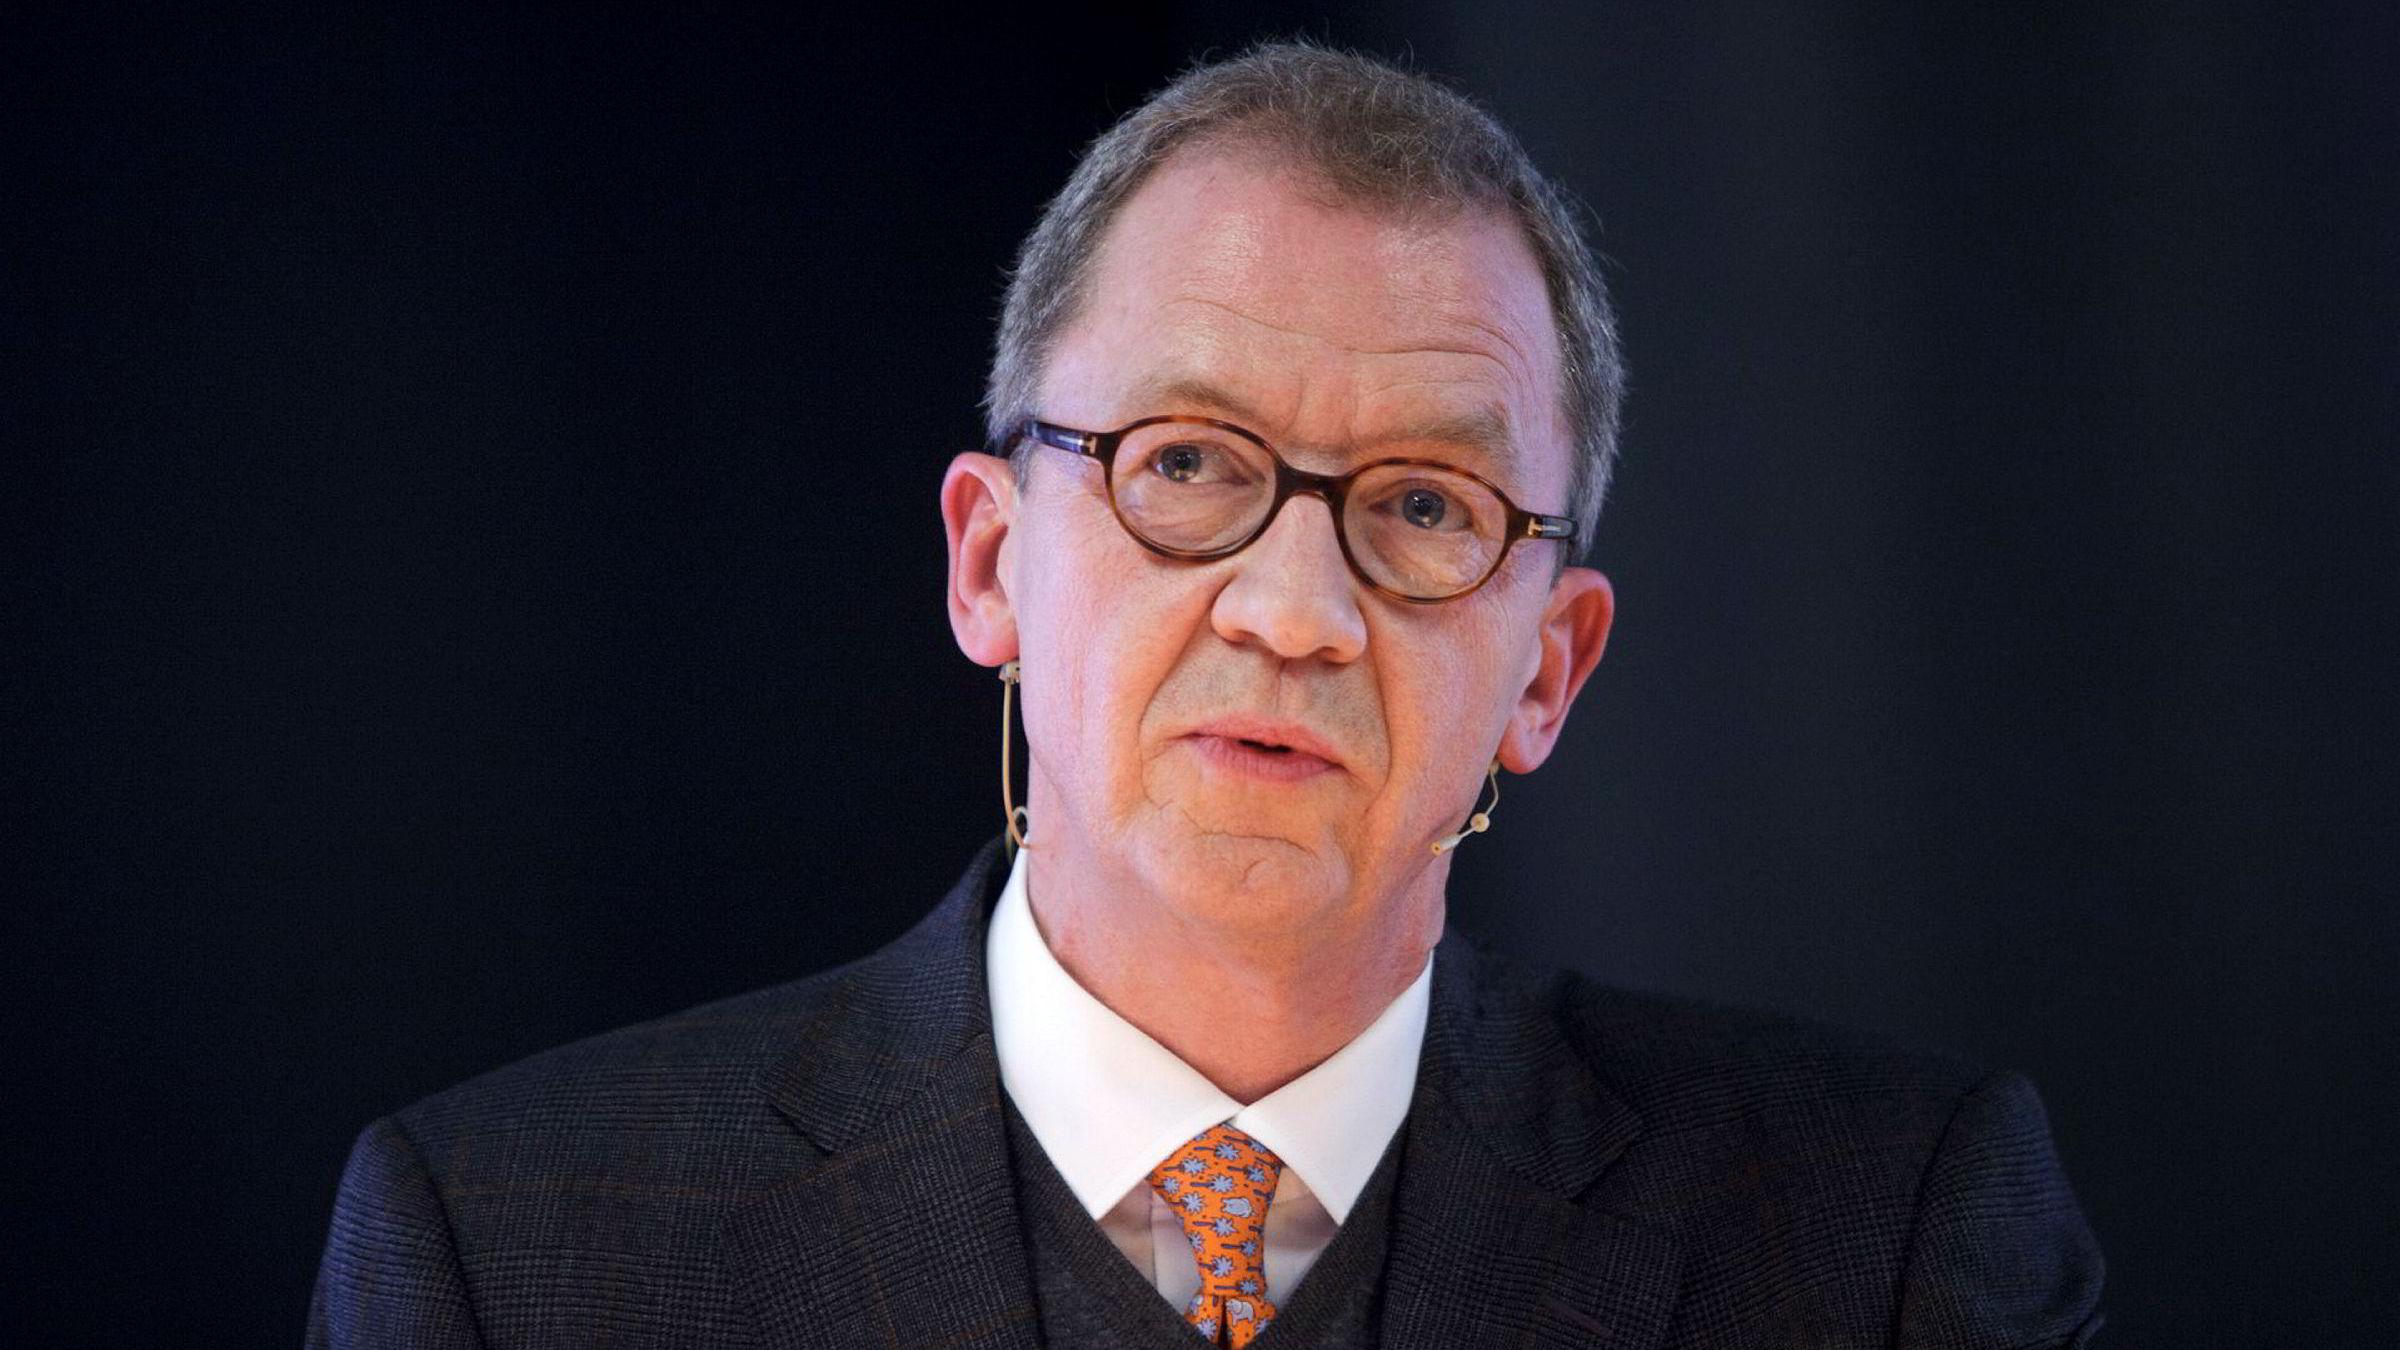 Veksten i nordmenns forbruksgjeld er ikke bærekraftig, mener Finans Norge-sjef Idar Kreutzer. Nå er finansnæringen blitt enige om regler som skal dempe markedsføringstrykket av forbrukslån og kreditt.